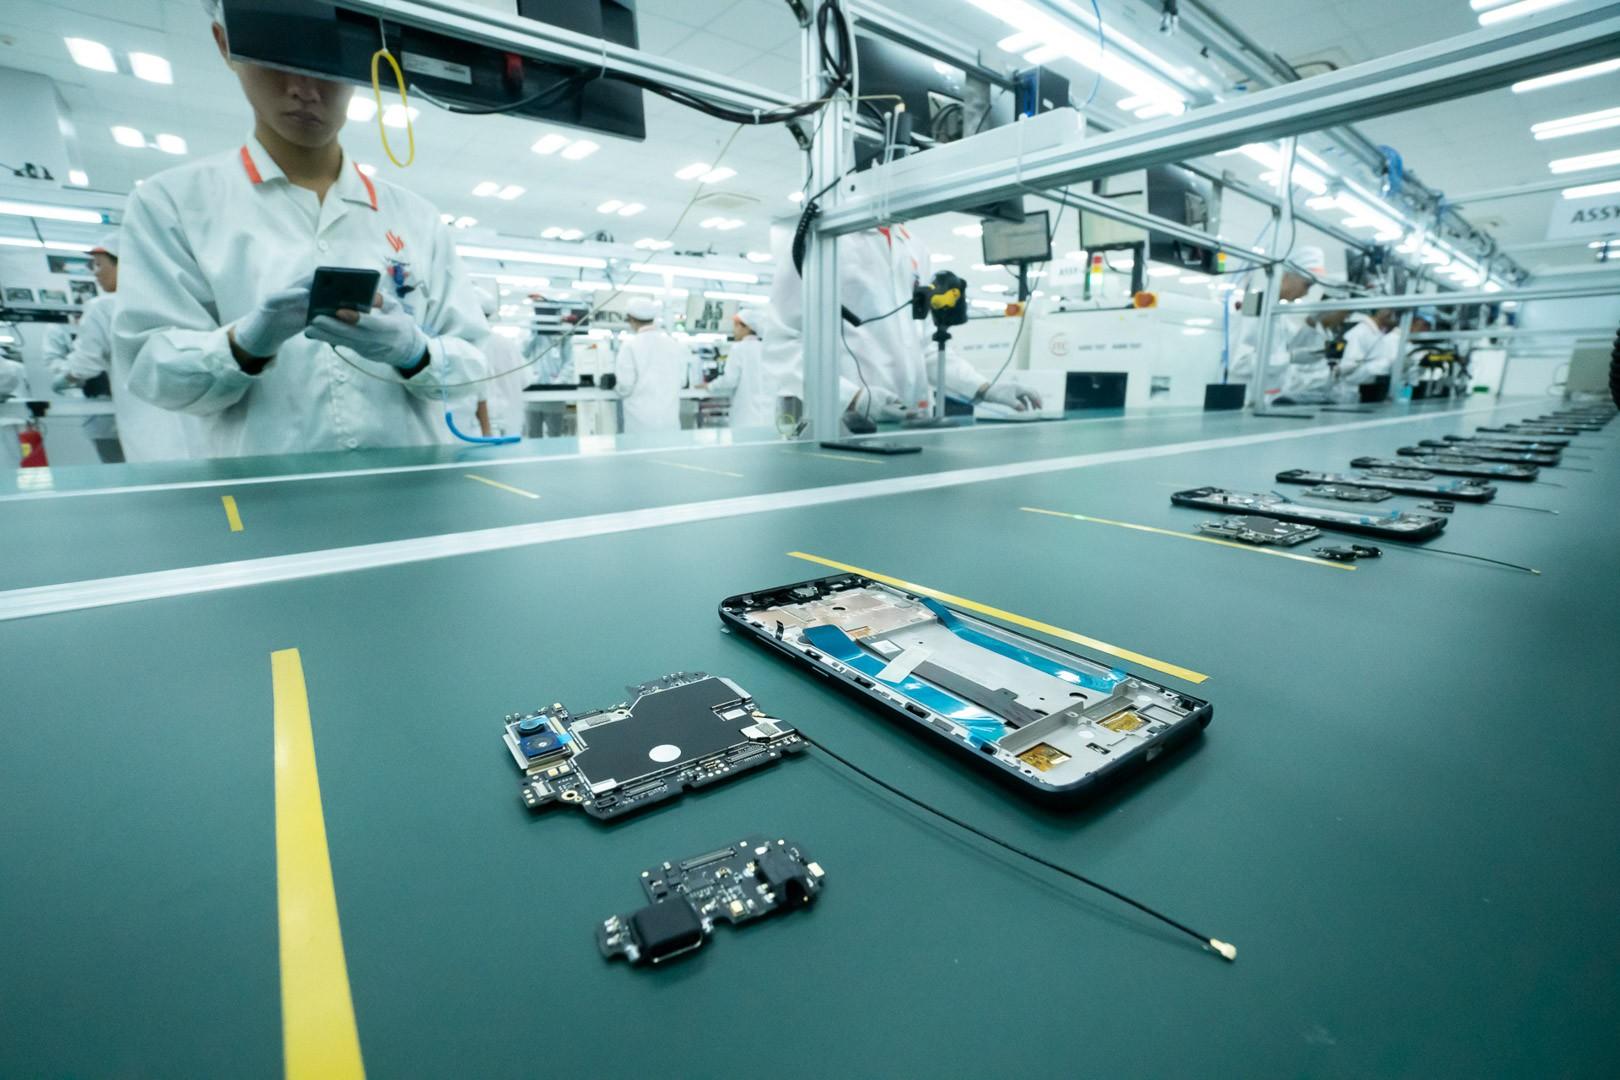 VinSmart động thổ nhà máy sản xuất điện thoại công suất 125 triệu chiếc/năm tại Hòa Lạc - Ảnh 1.